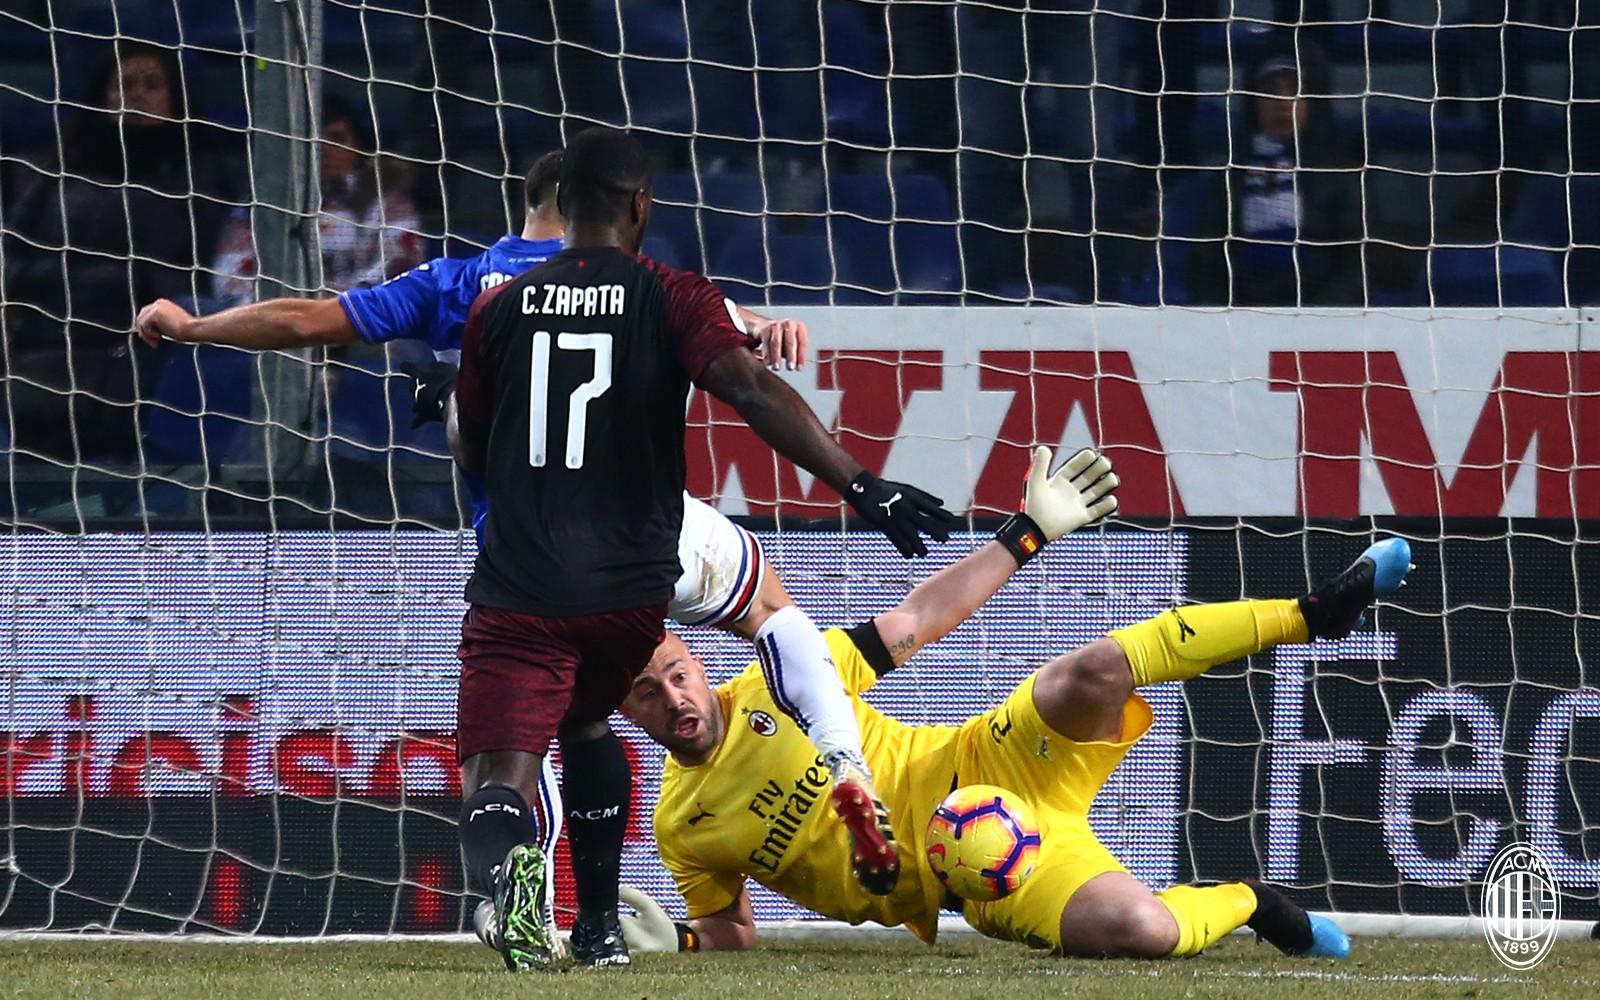 库特罗内加时赛梅开二度,米兰客胜桑普多利亚你怎么看?